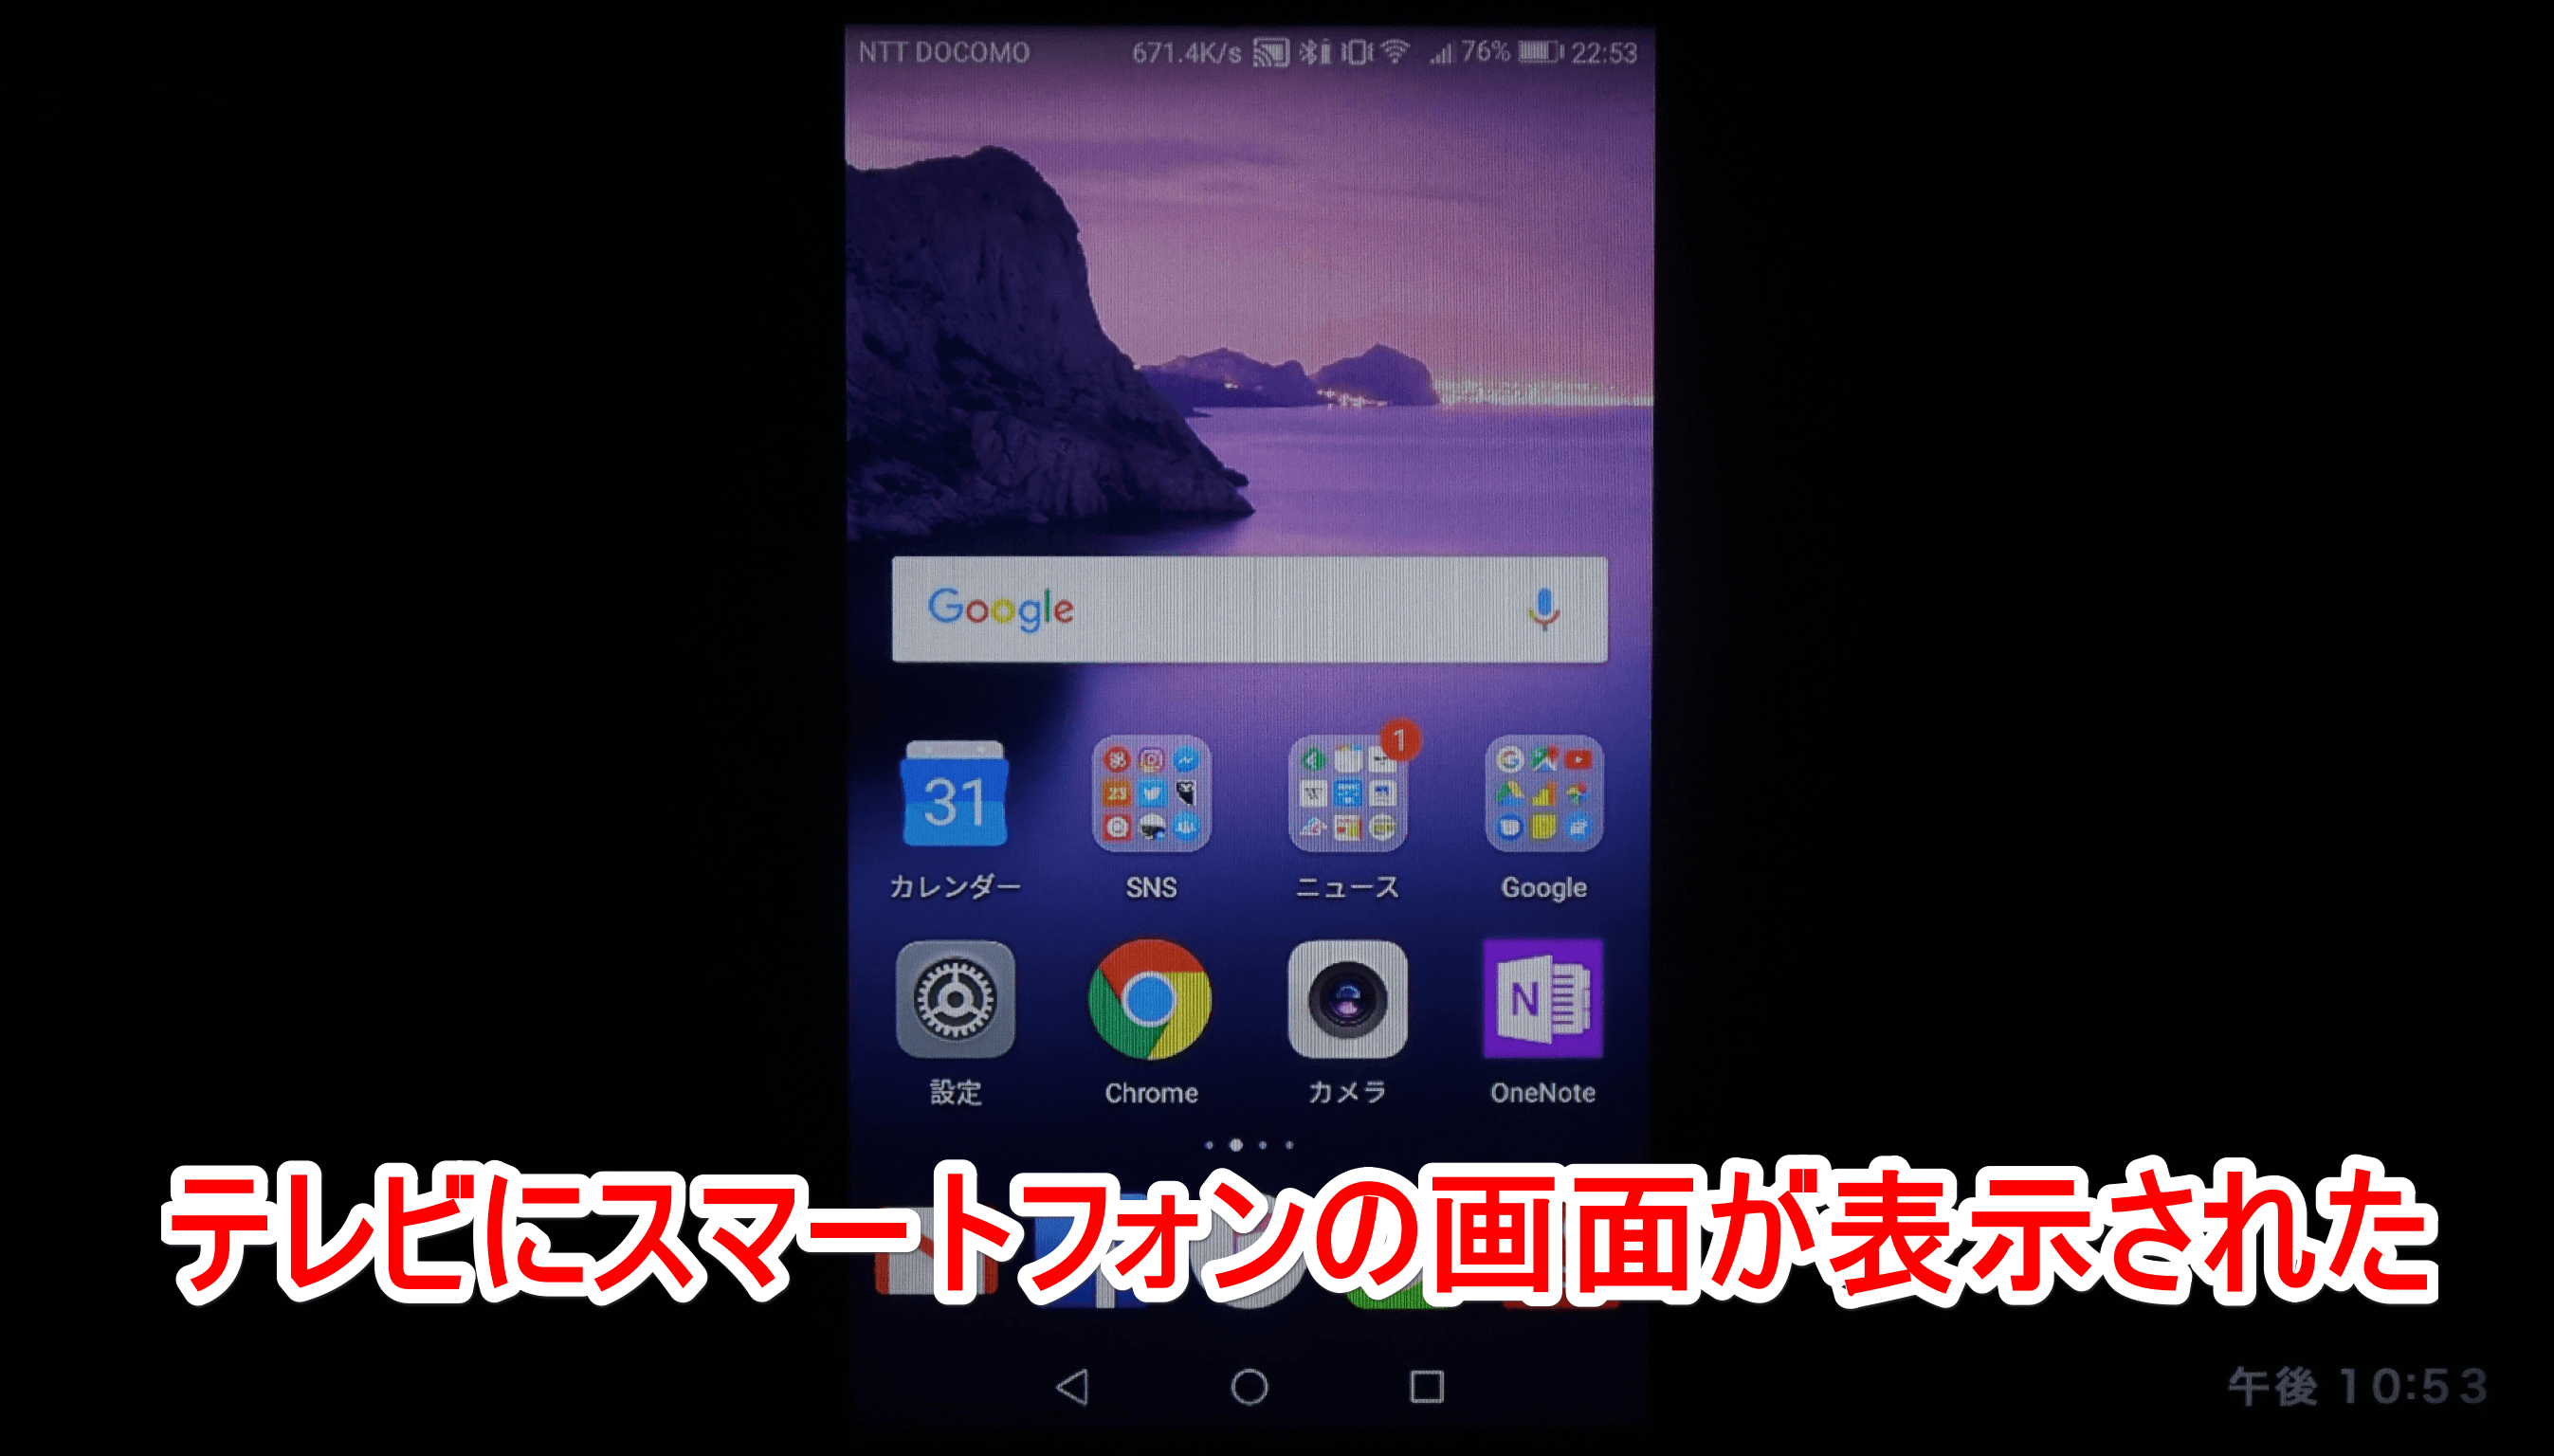 Android(アンドロイド)スマートフォンの画面がミラキャスト対応テレビに表示されたところ